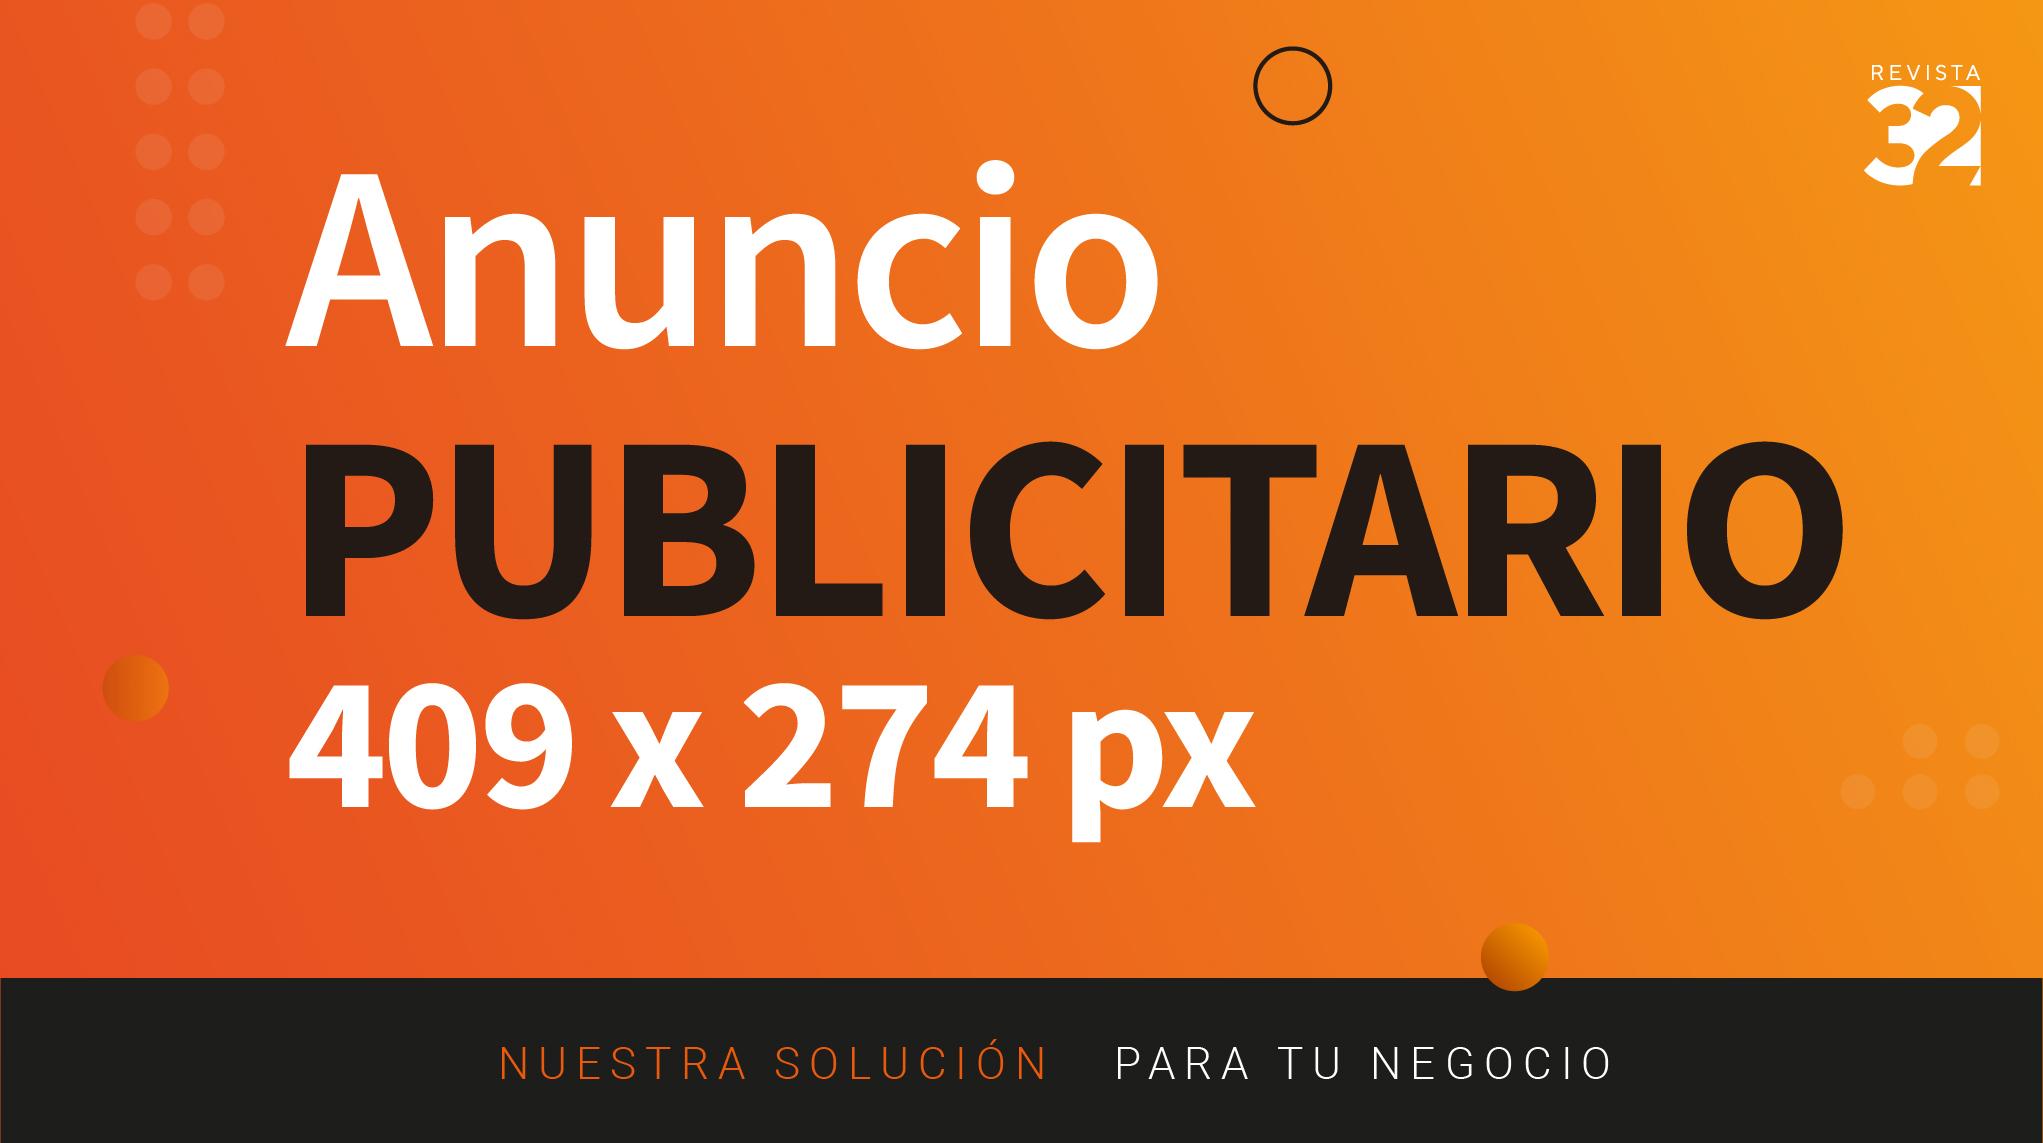 Banner 409 x 274